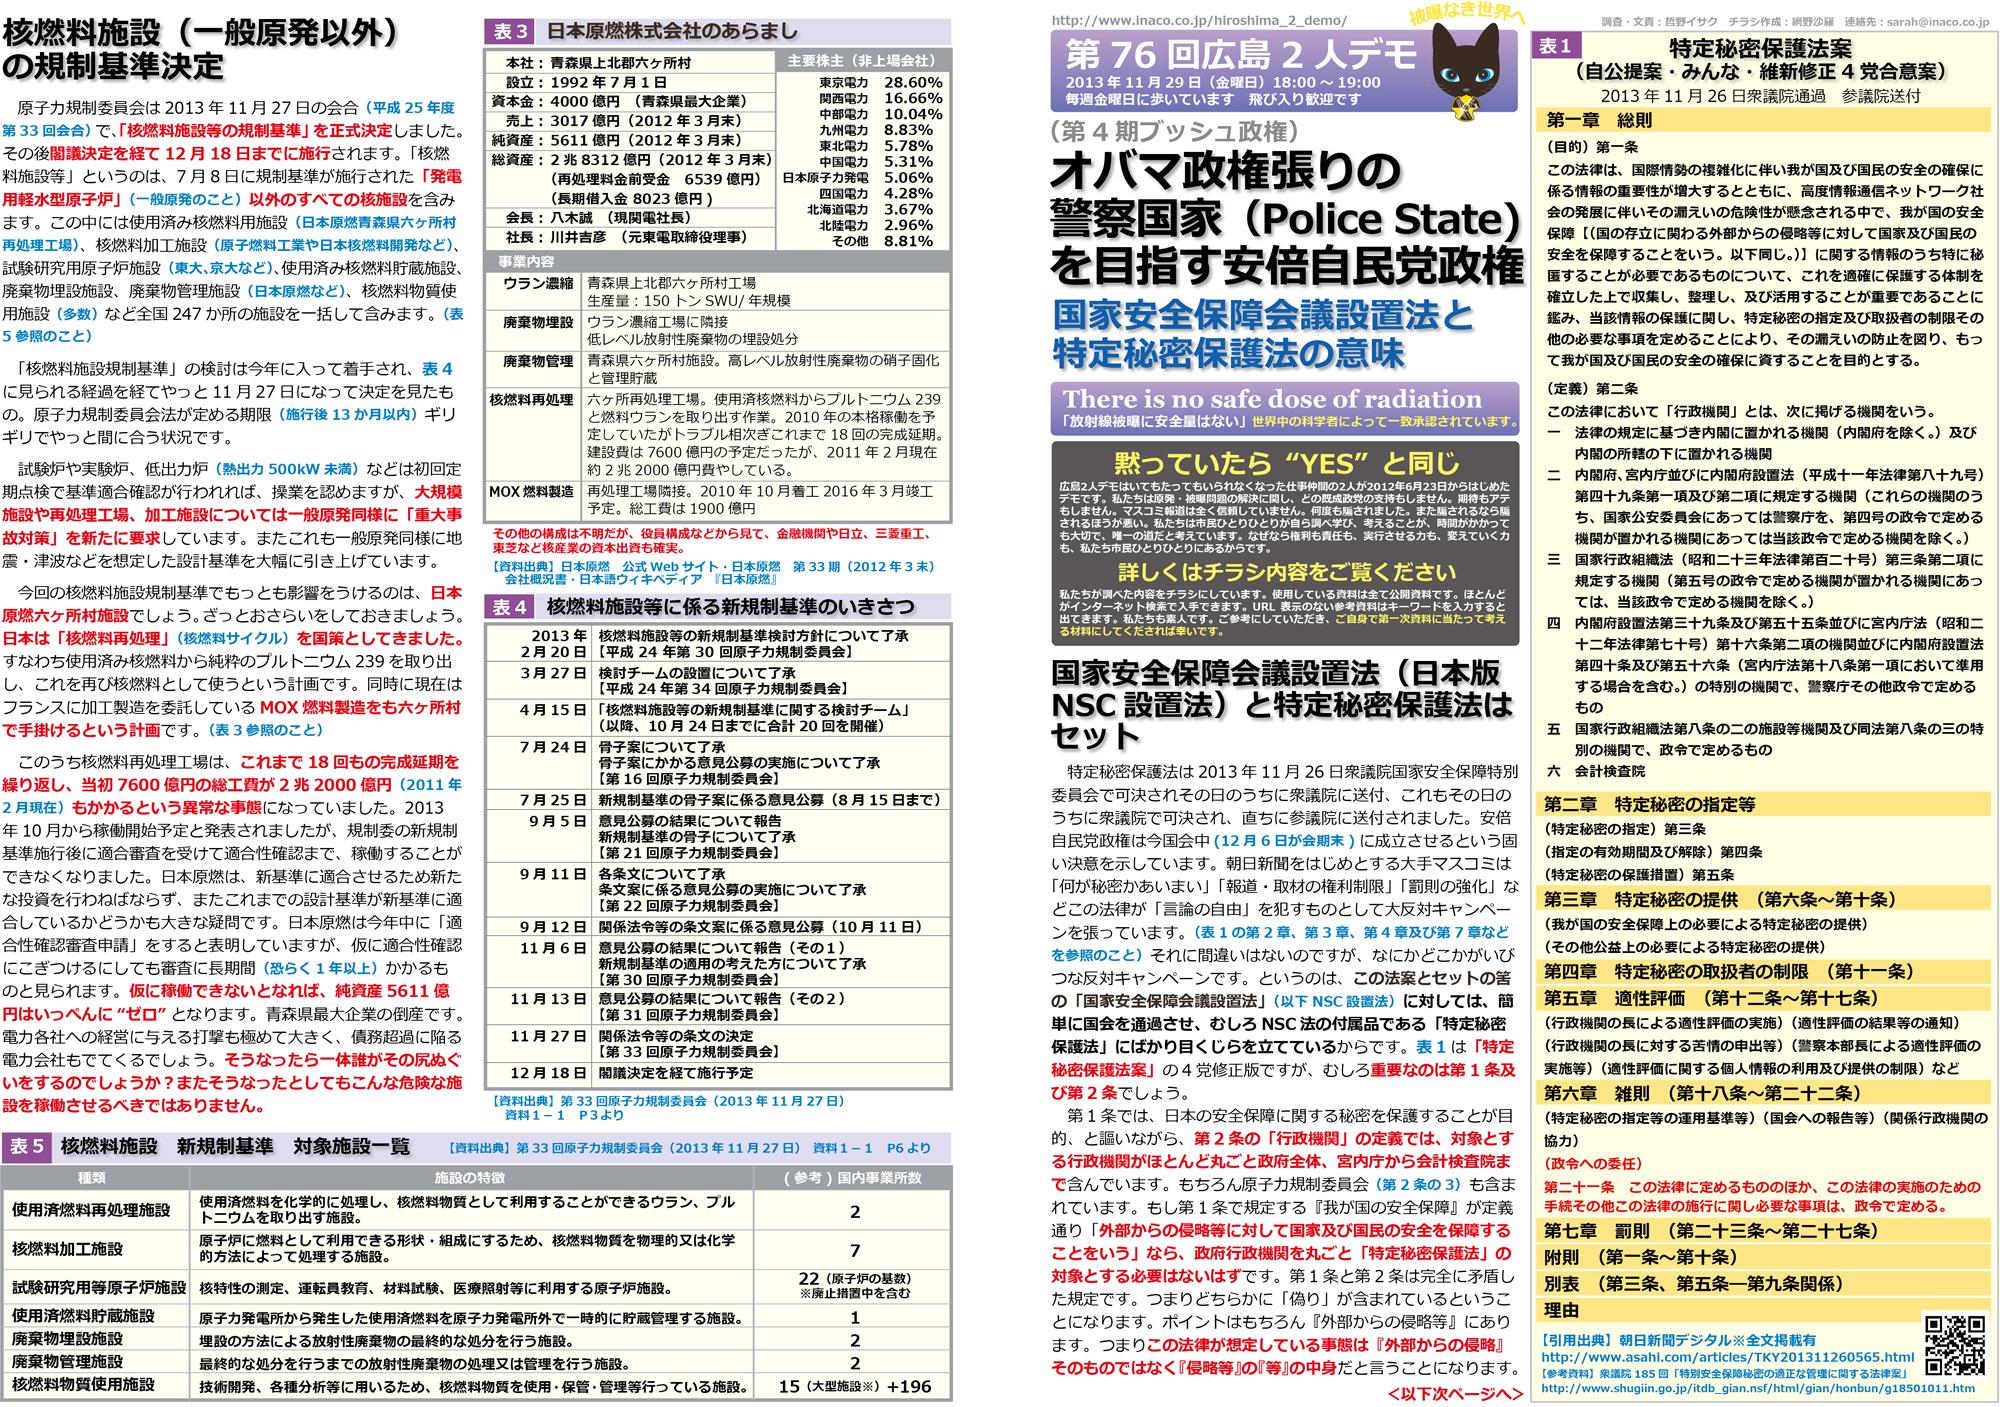 ファイル 234-1.jpg